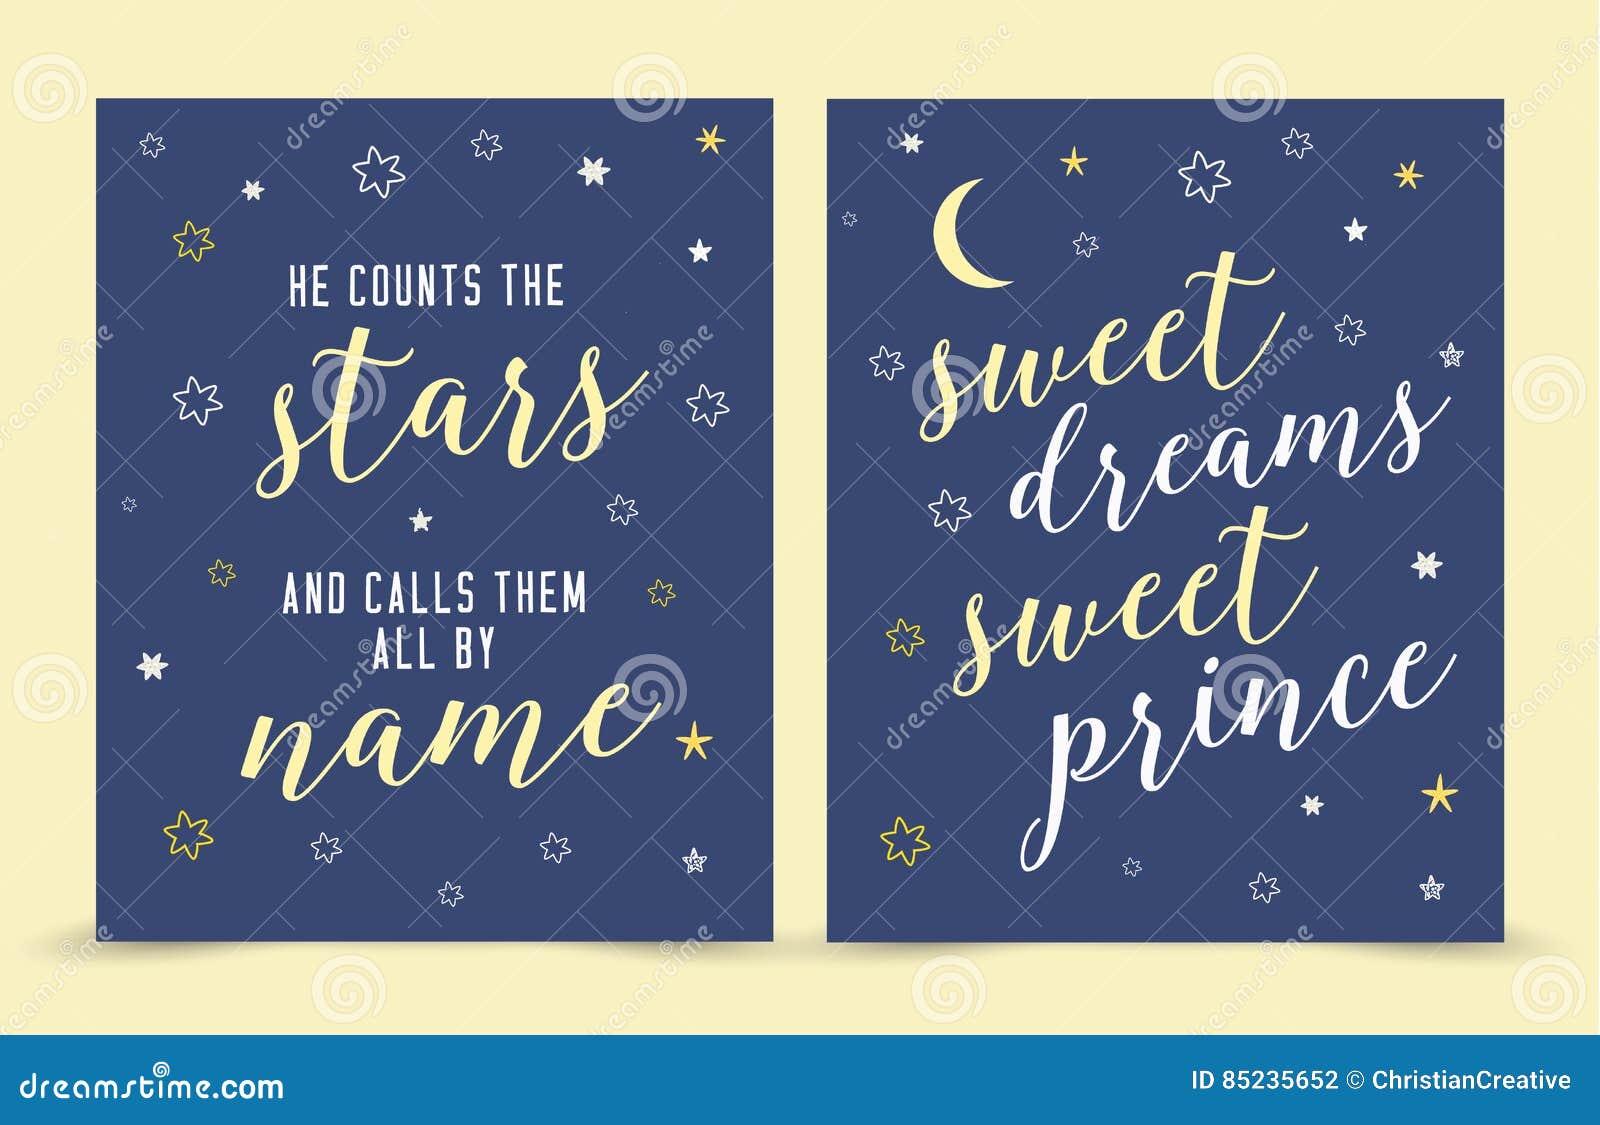 Il compte les étoiles et les appelle de nom ; prince de bonbon à rêves doux !